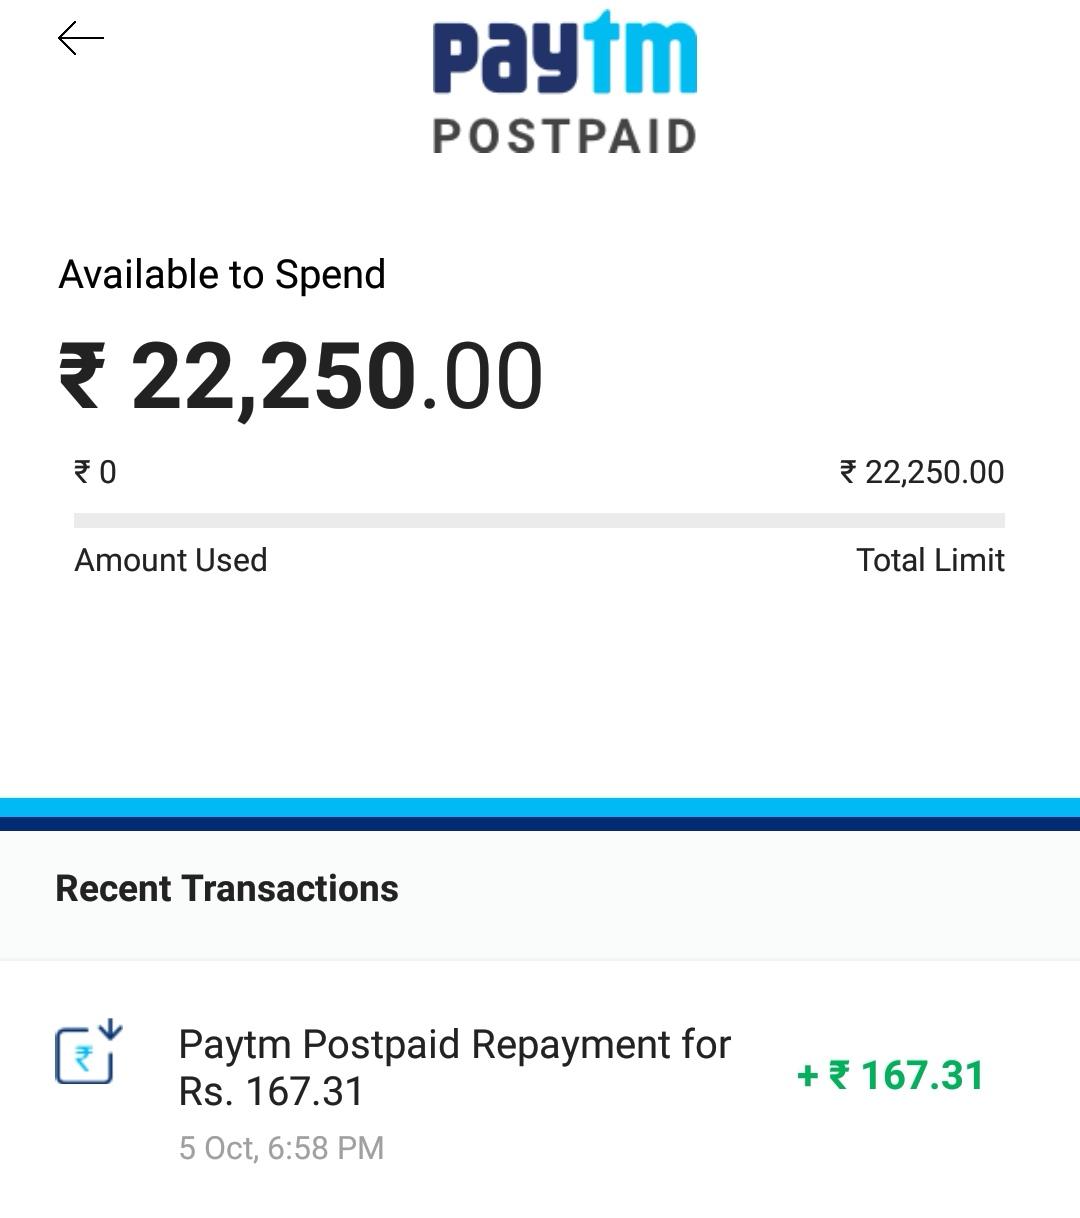 paytm postpaid   DesiDime